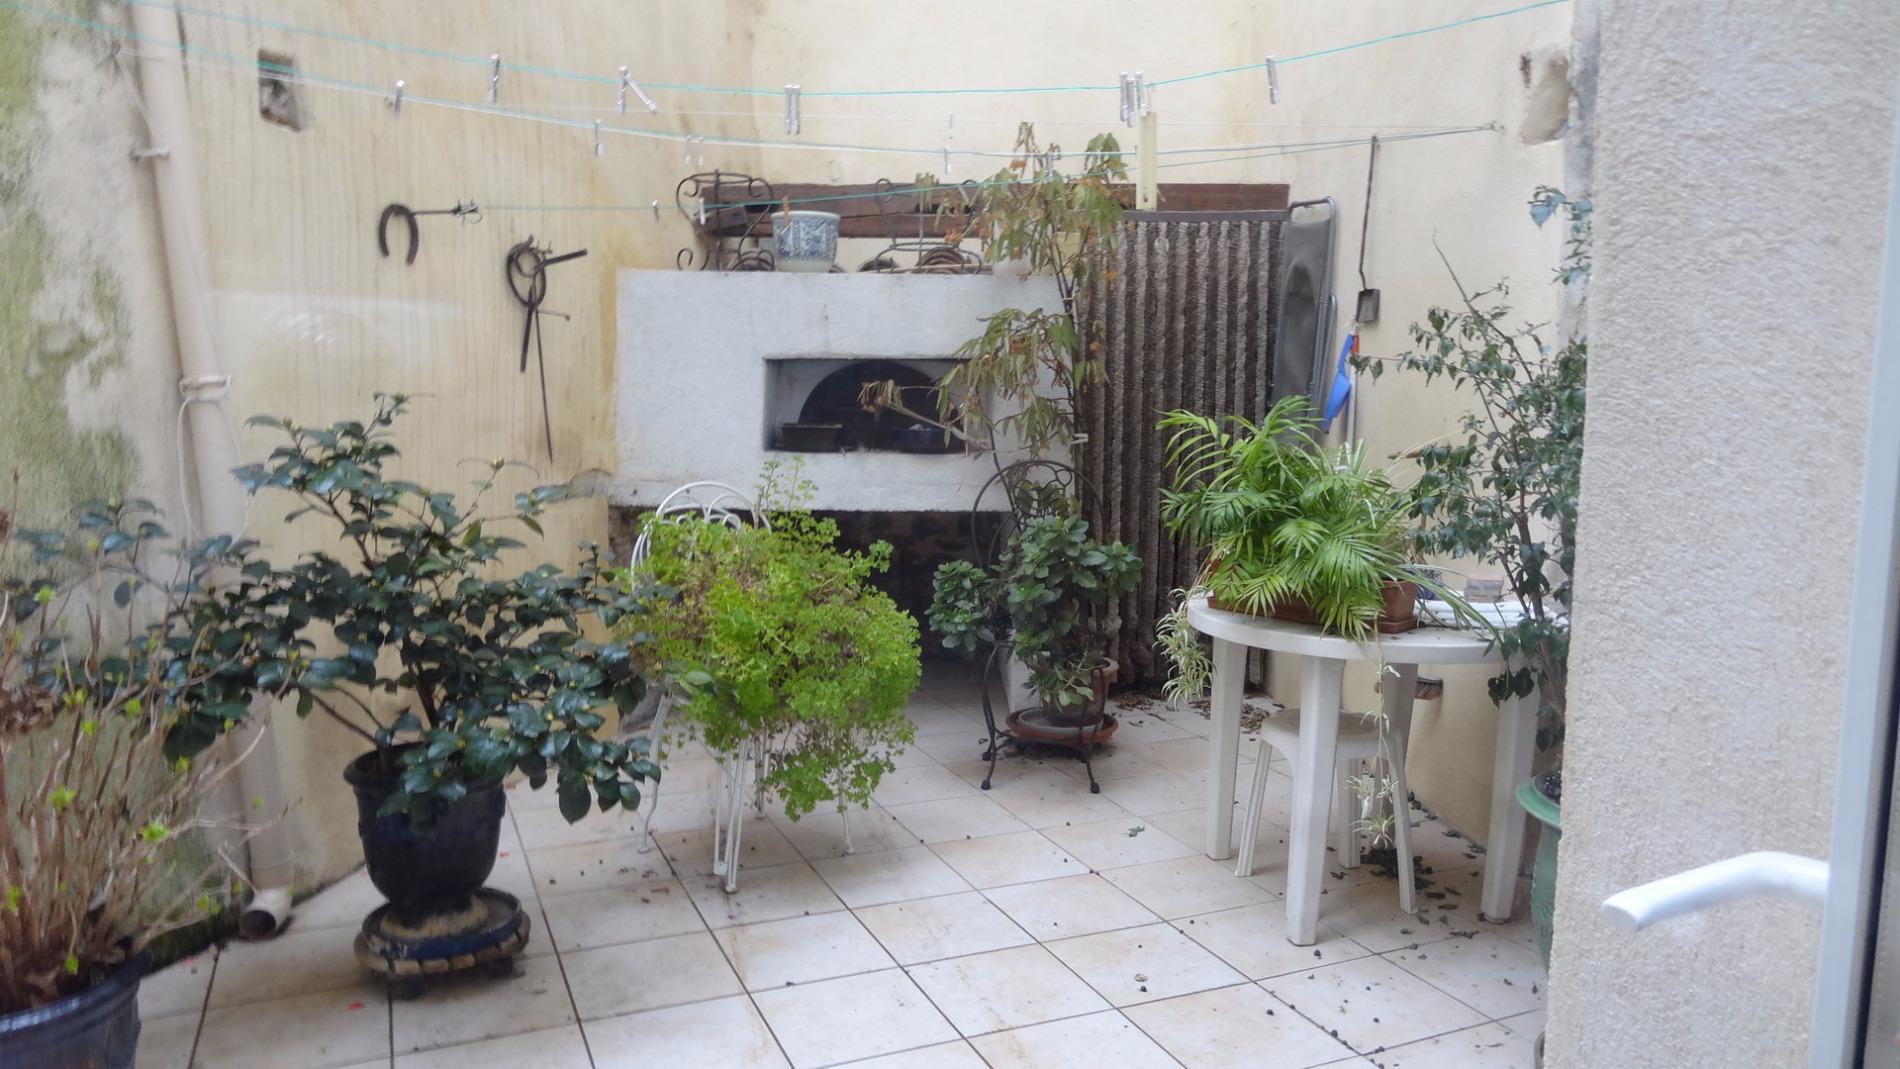 Vente milhaud jolie maison de village t6 avec cour - Milhaud cuisine ...